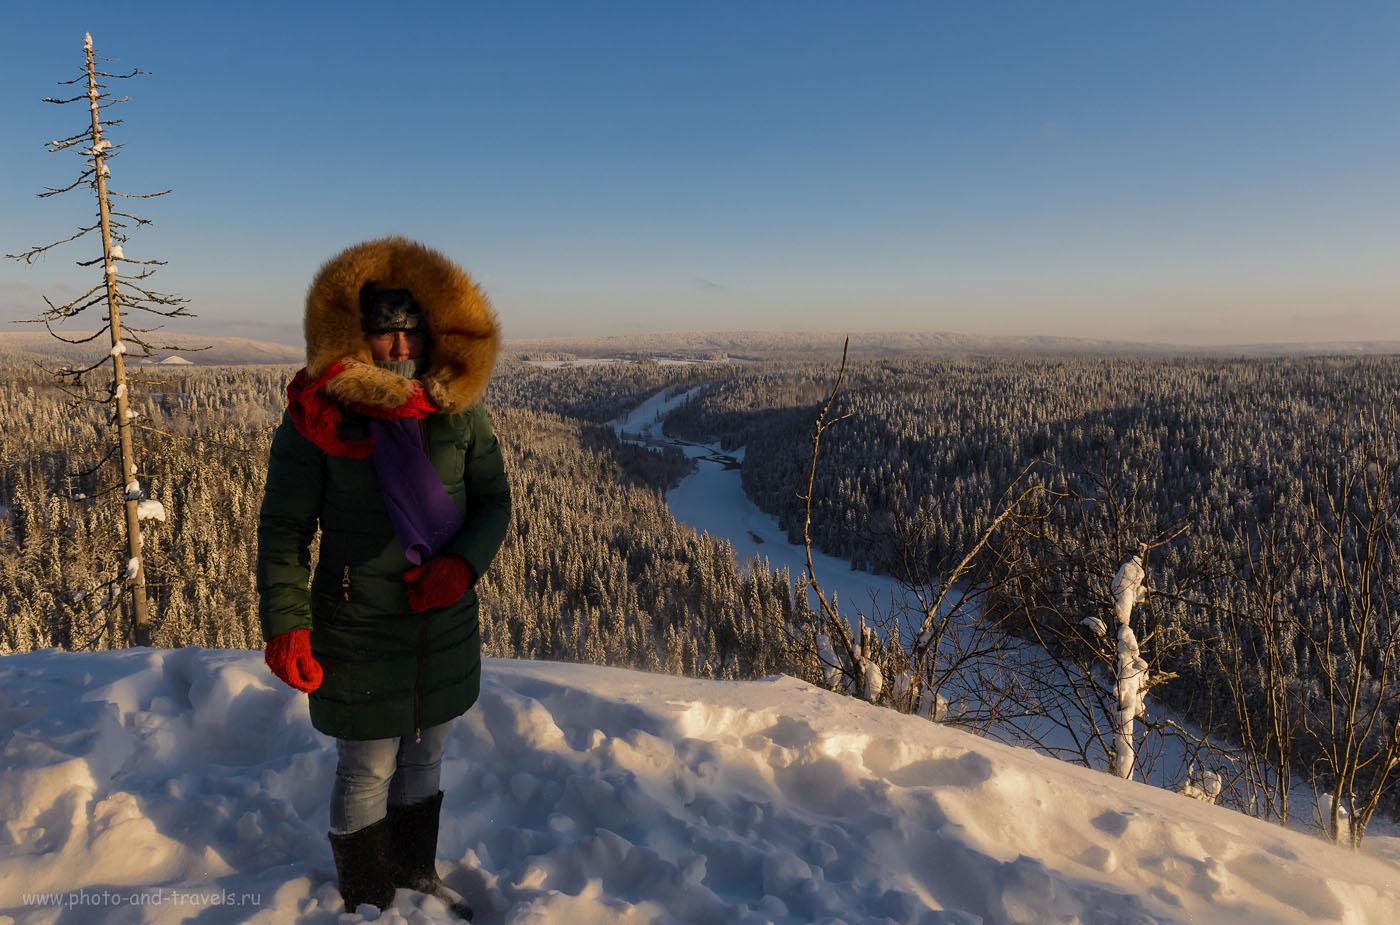 Фотография 15. Мороз и солнце; день чудесный! Пушкин мог написать эти чудесные строки и в Пермском крае. Виды с вершины скал Усьвинские столбы. 1/1000, 0.33, 8.0, 1600, 24.